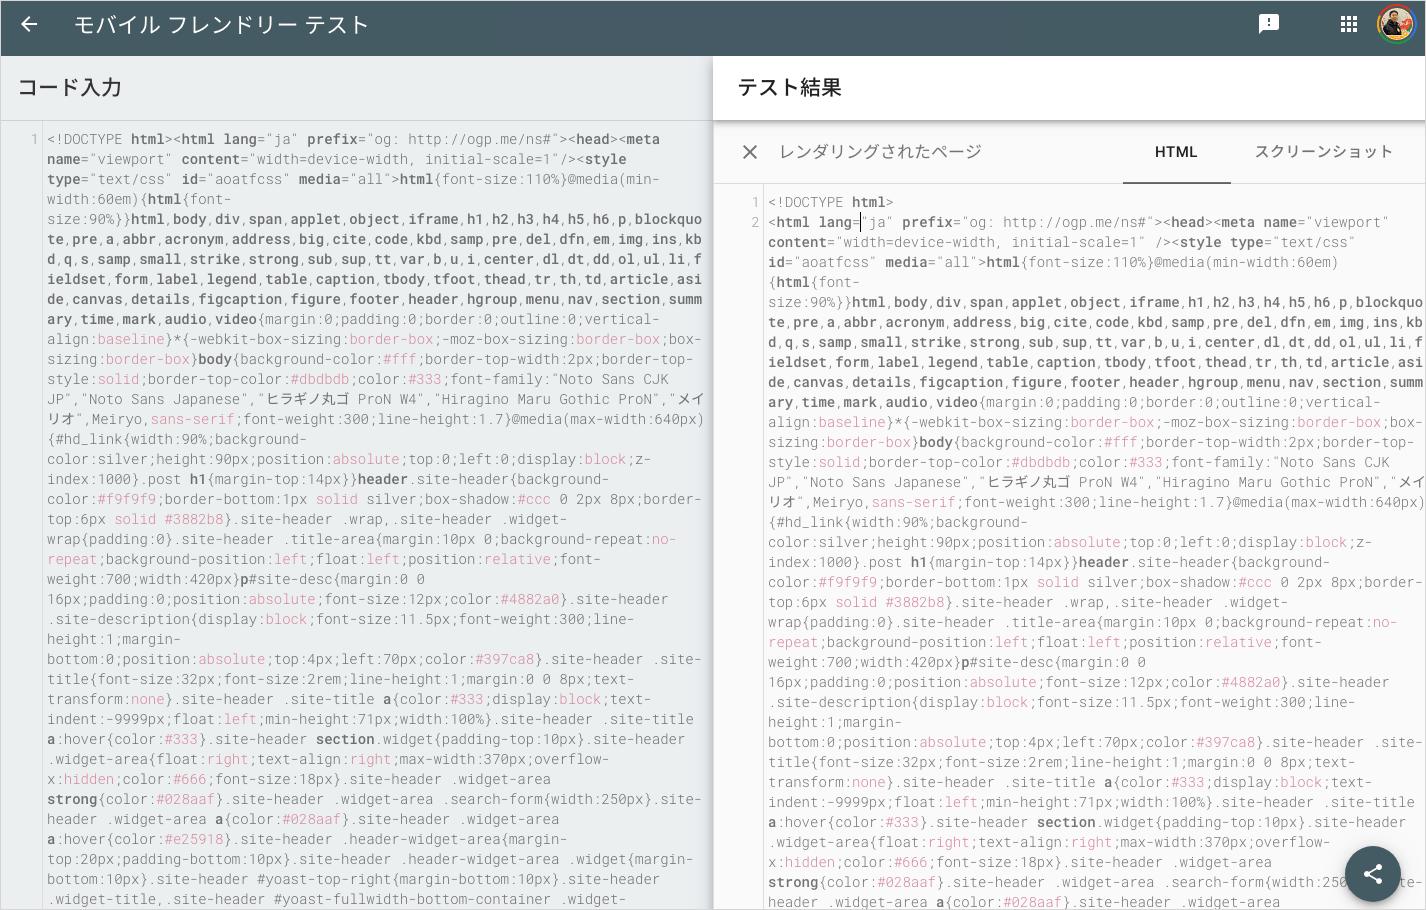 レンダリング前後の HTML 比較